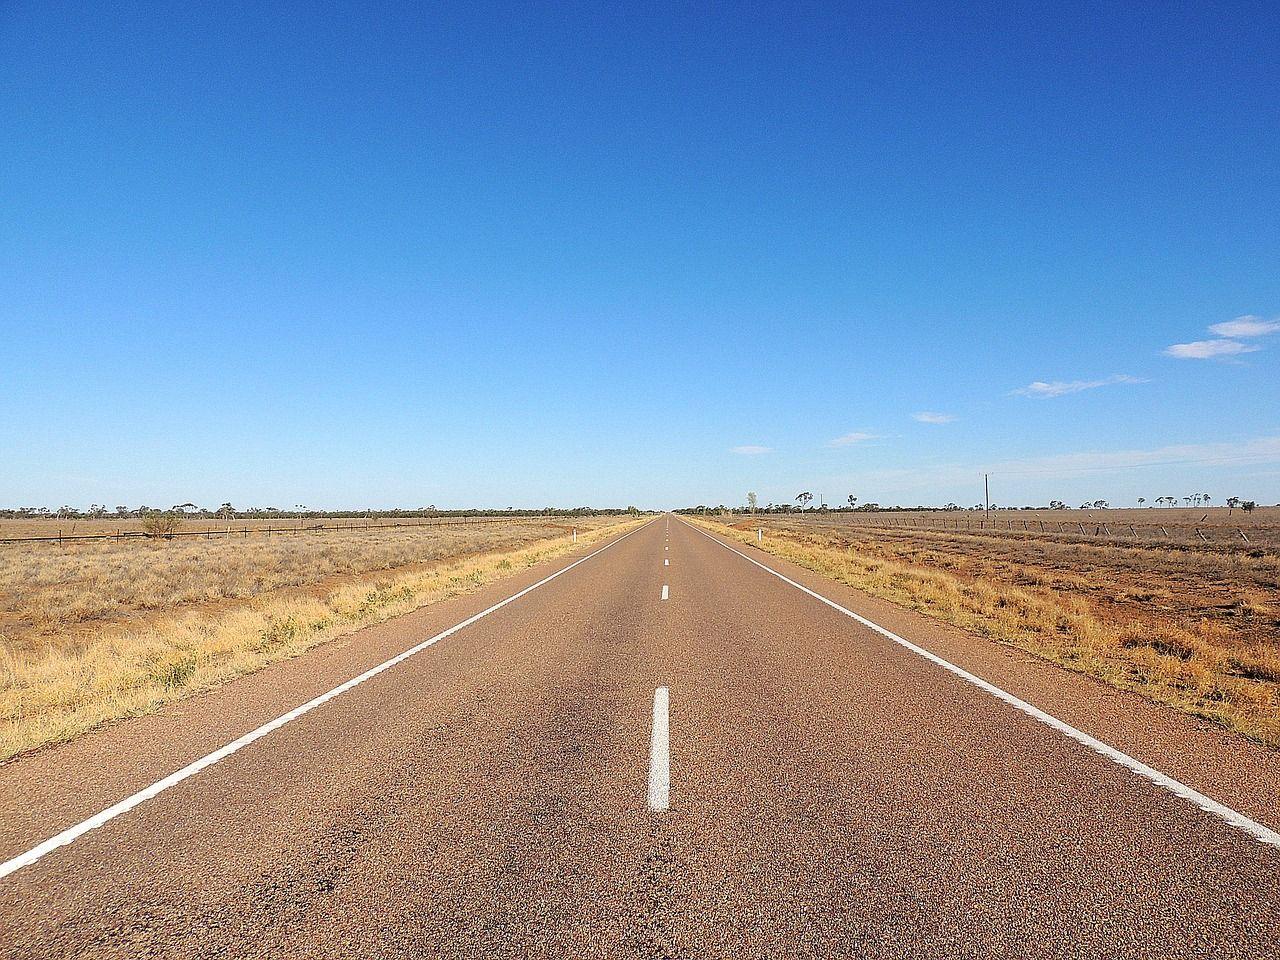 オーストラリア旅行は何泊する?何日滞在すればよい?